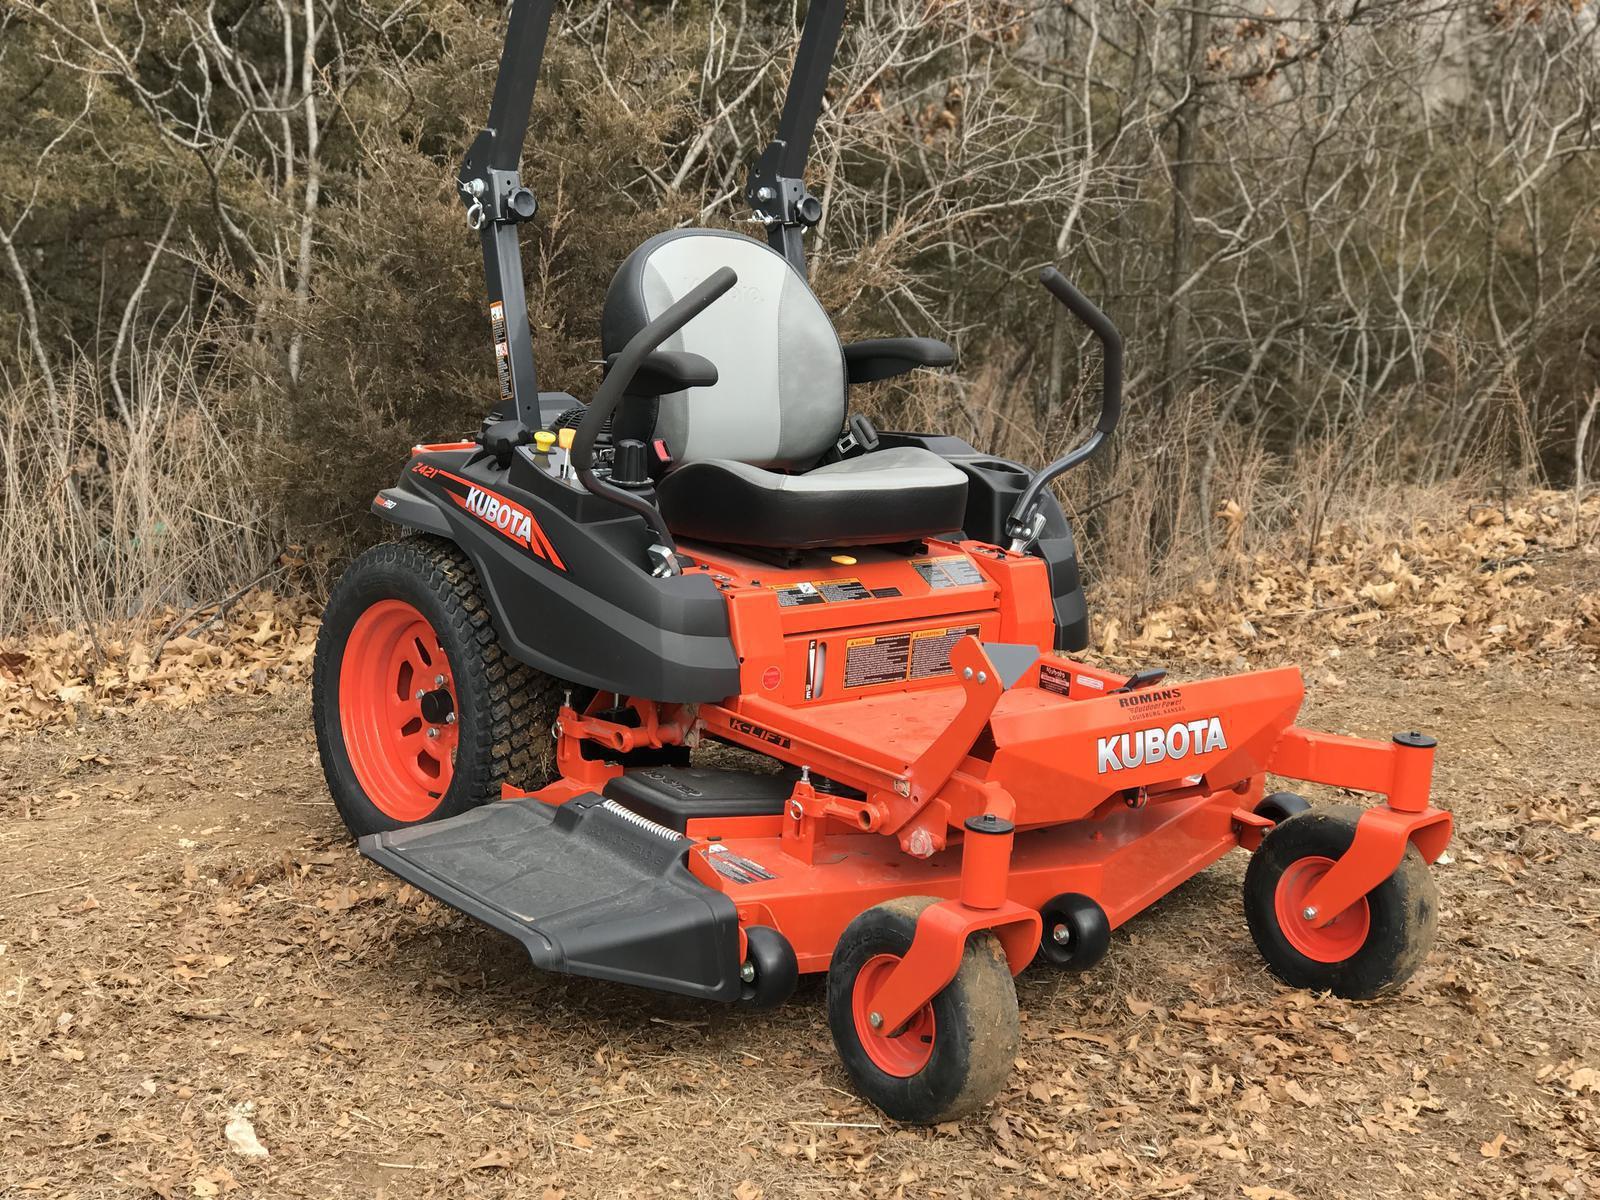 Kubota Lawn Tractor >> 2019 Kubota Z421 Kawasaki 54 4 Year Warranty